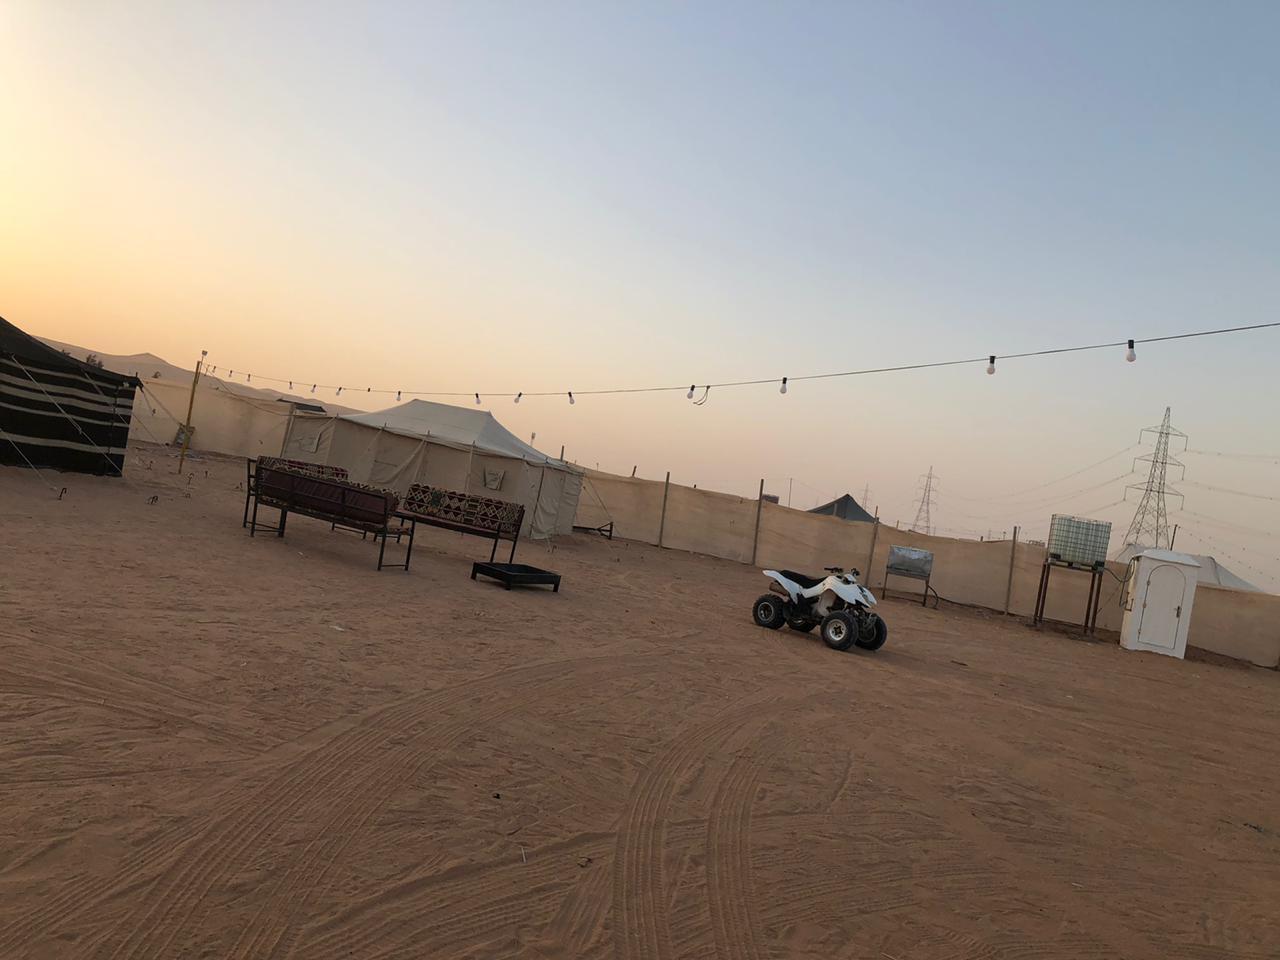 تأجير مخيمات بالرياض